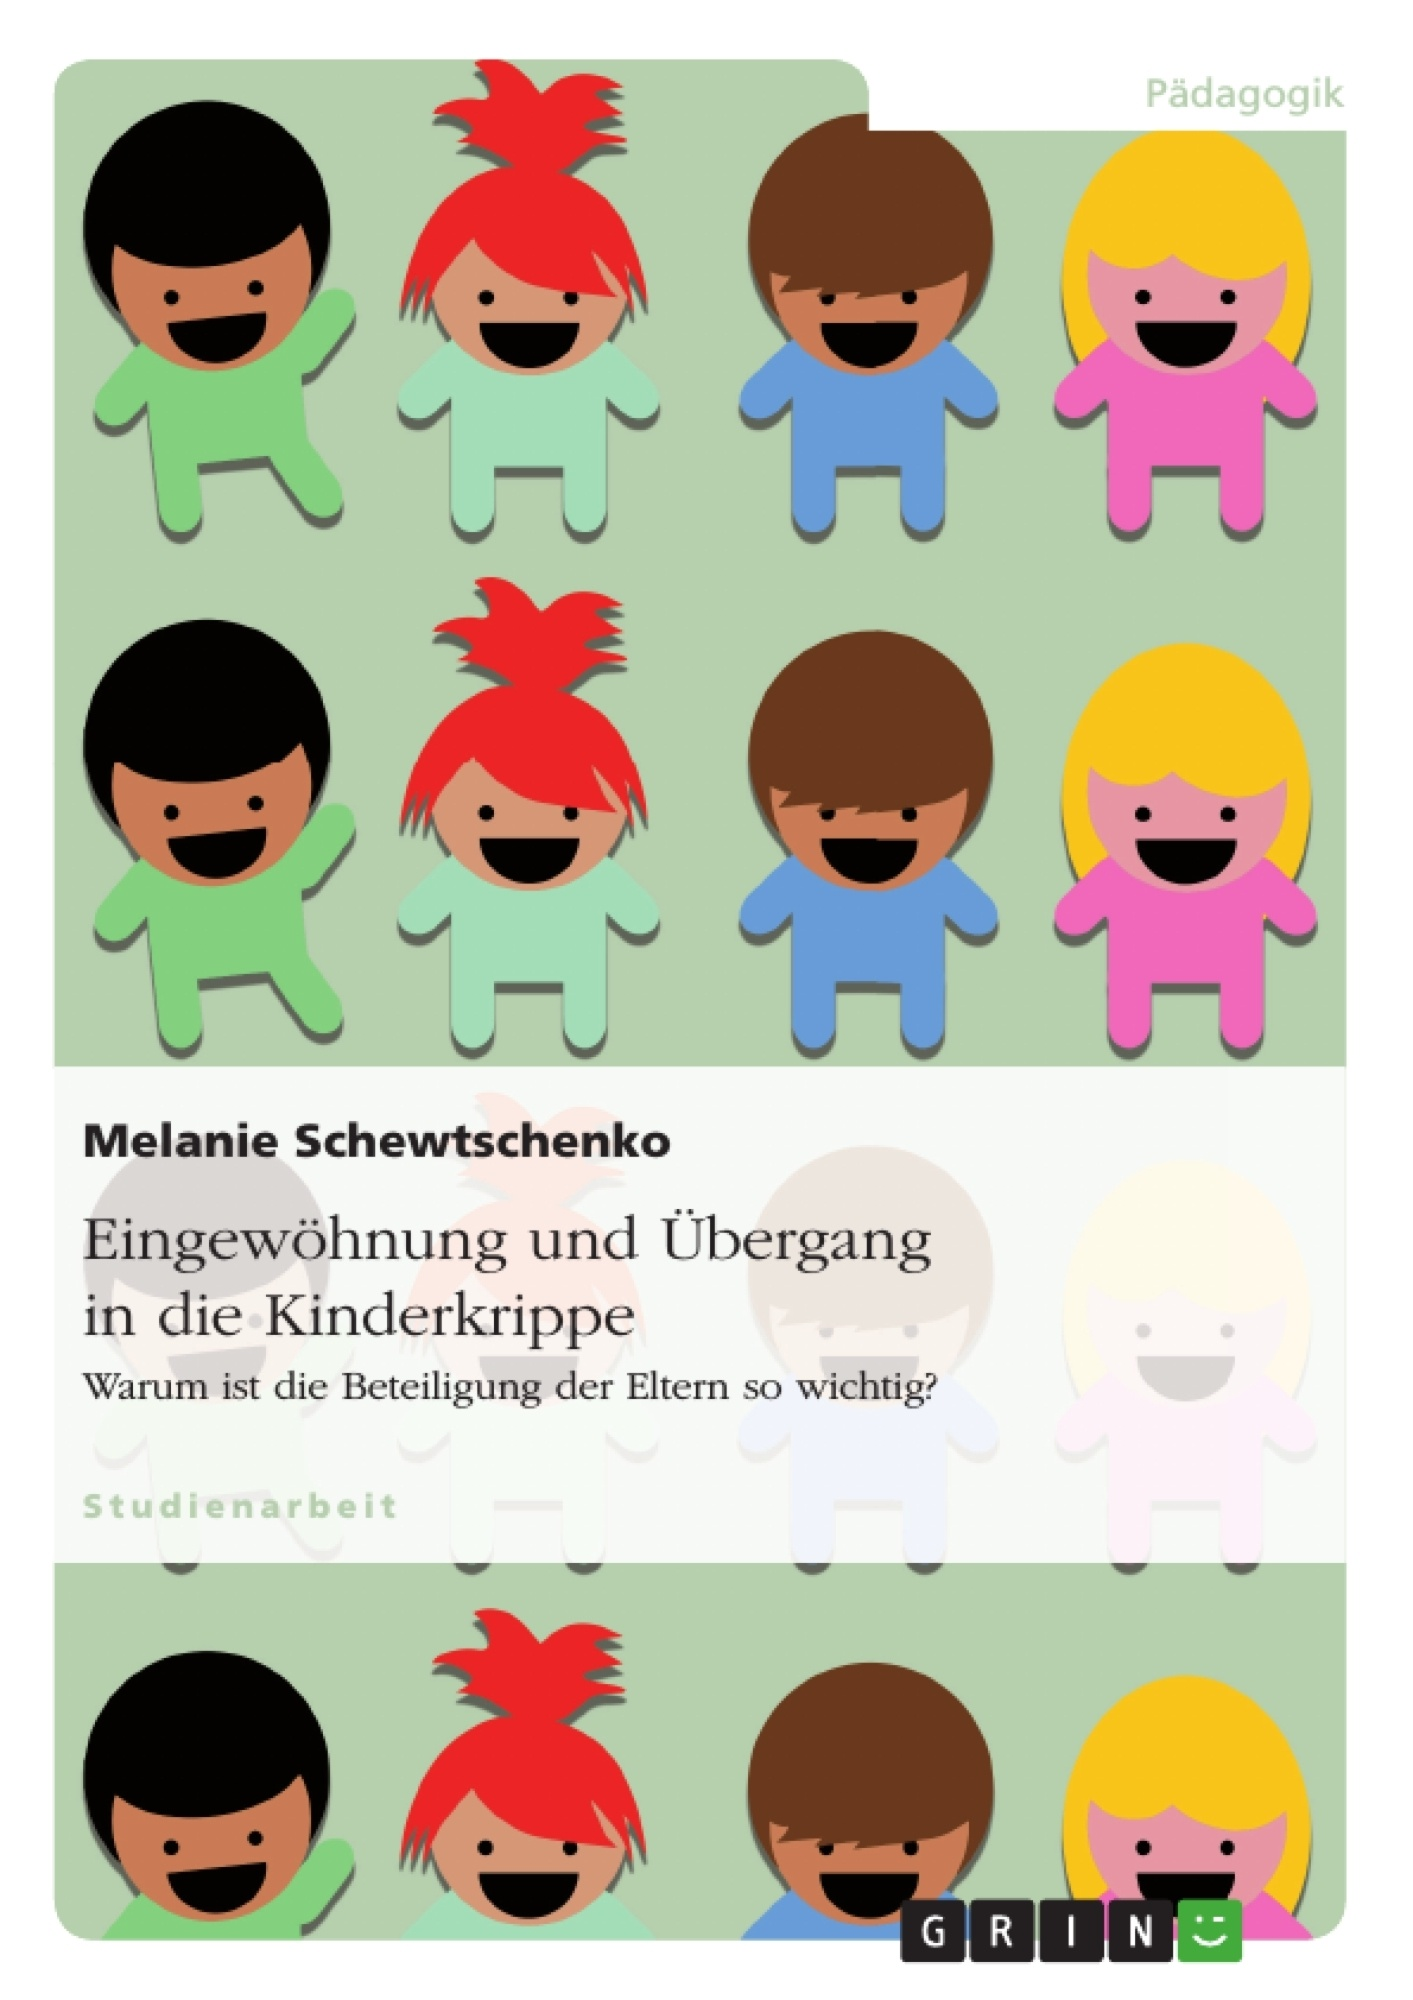 Titel: Eingewöhnung und Übergang in die Kinderkrippe